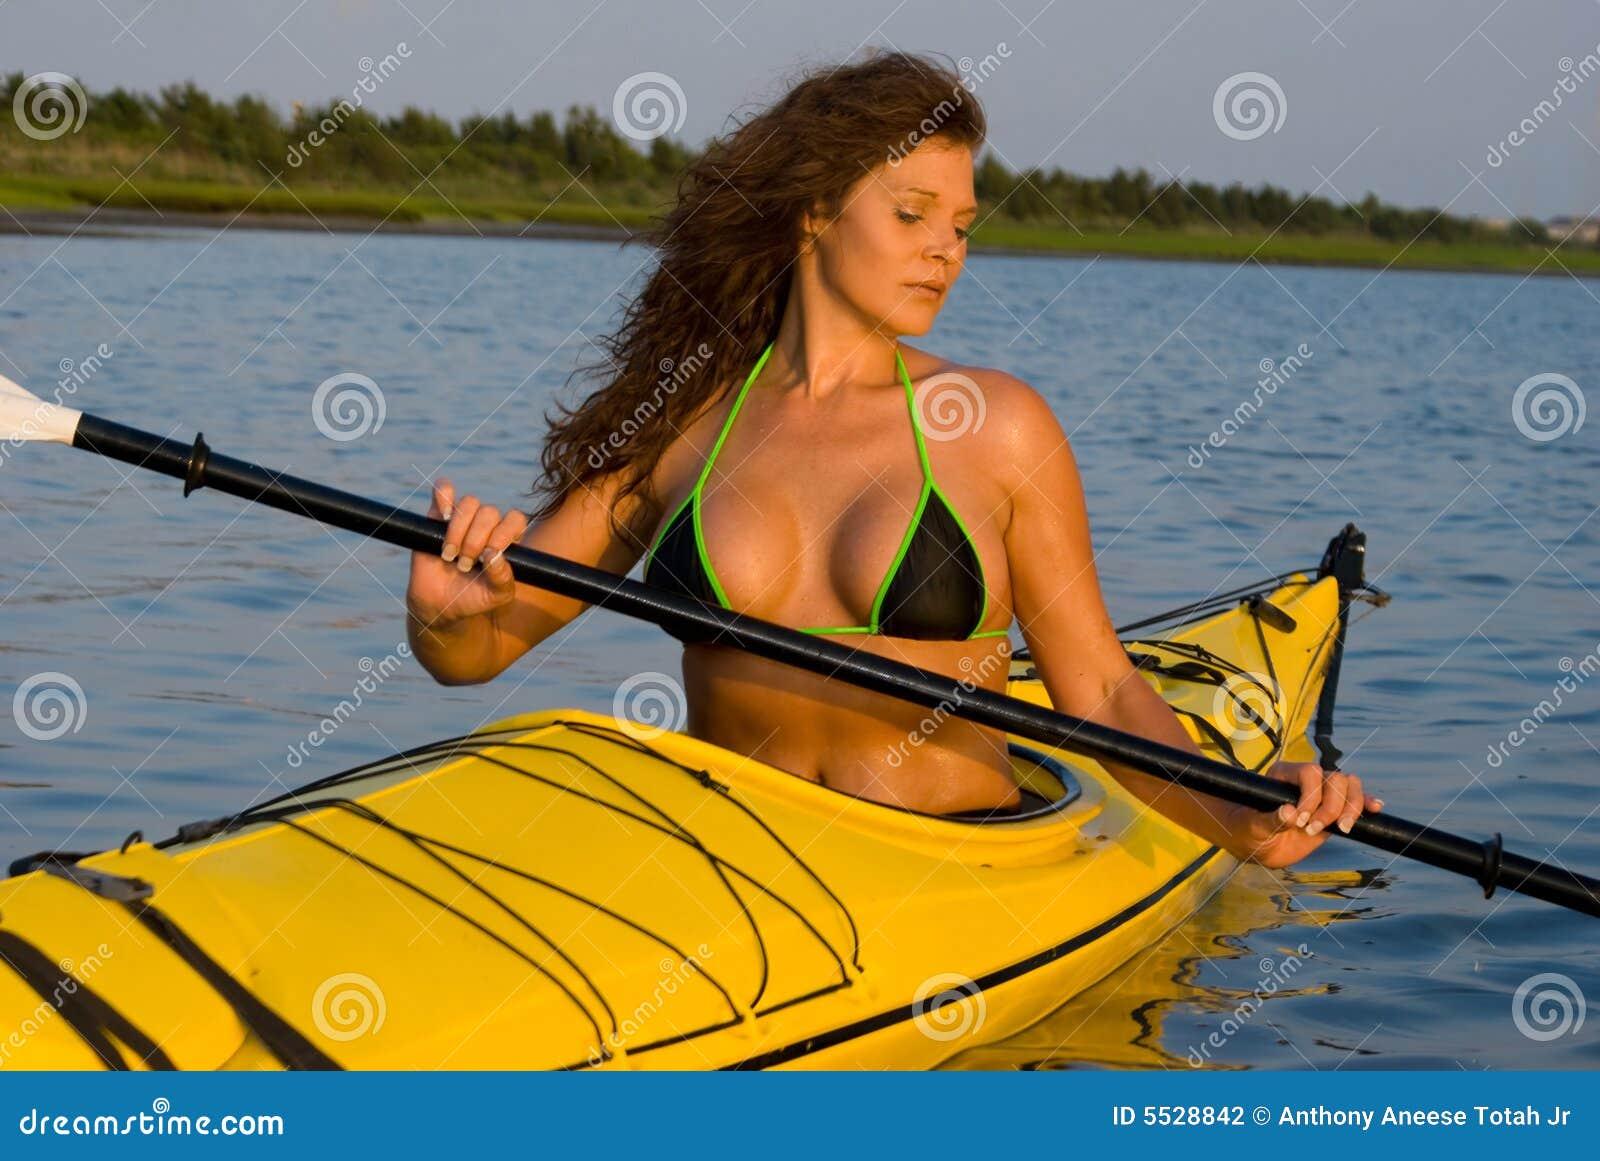 划皮船的妇女